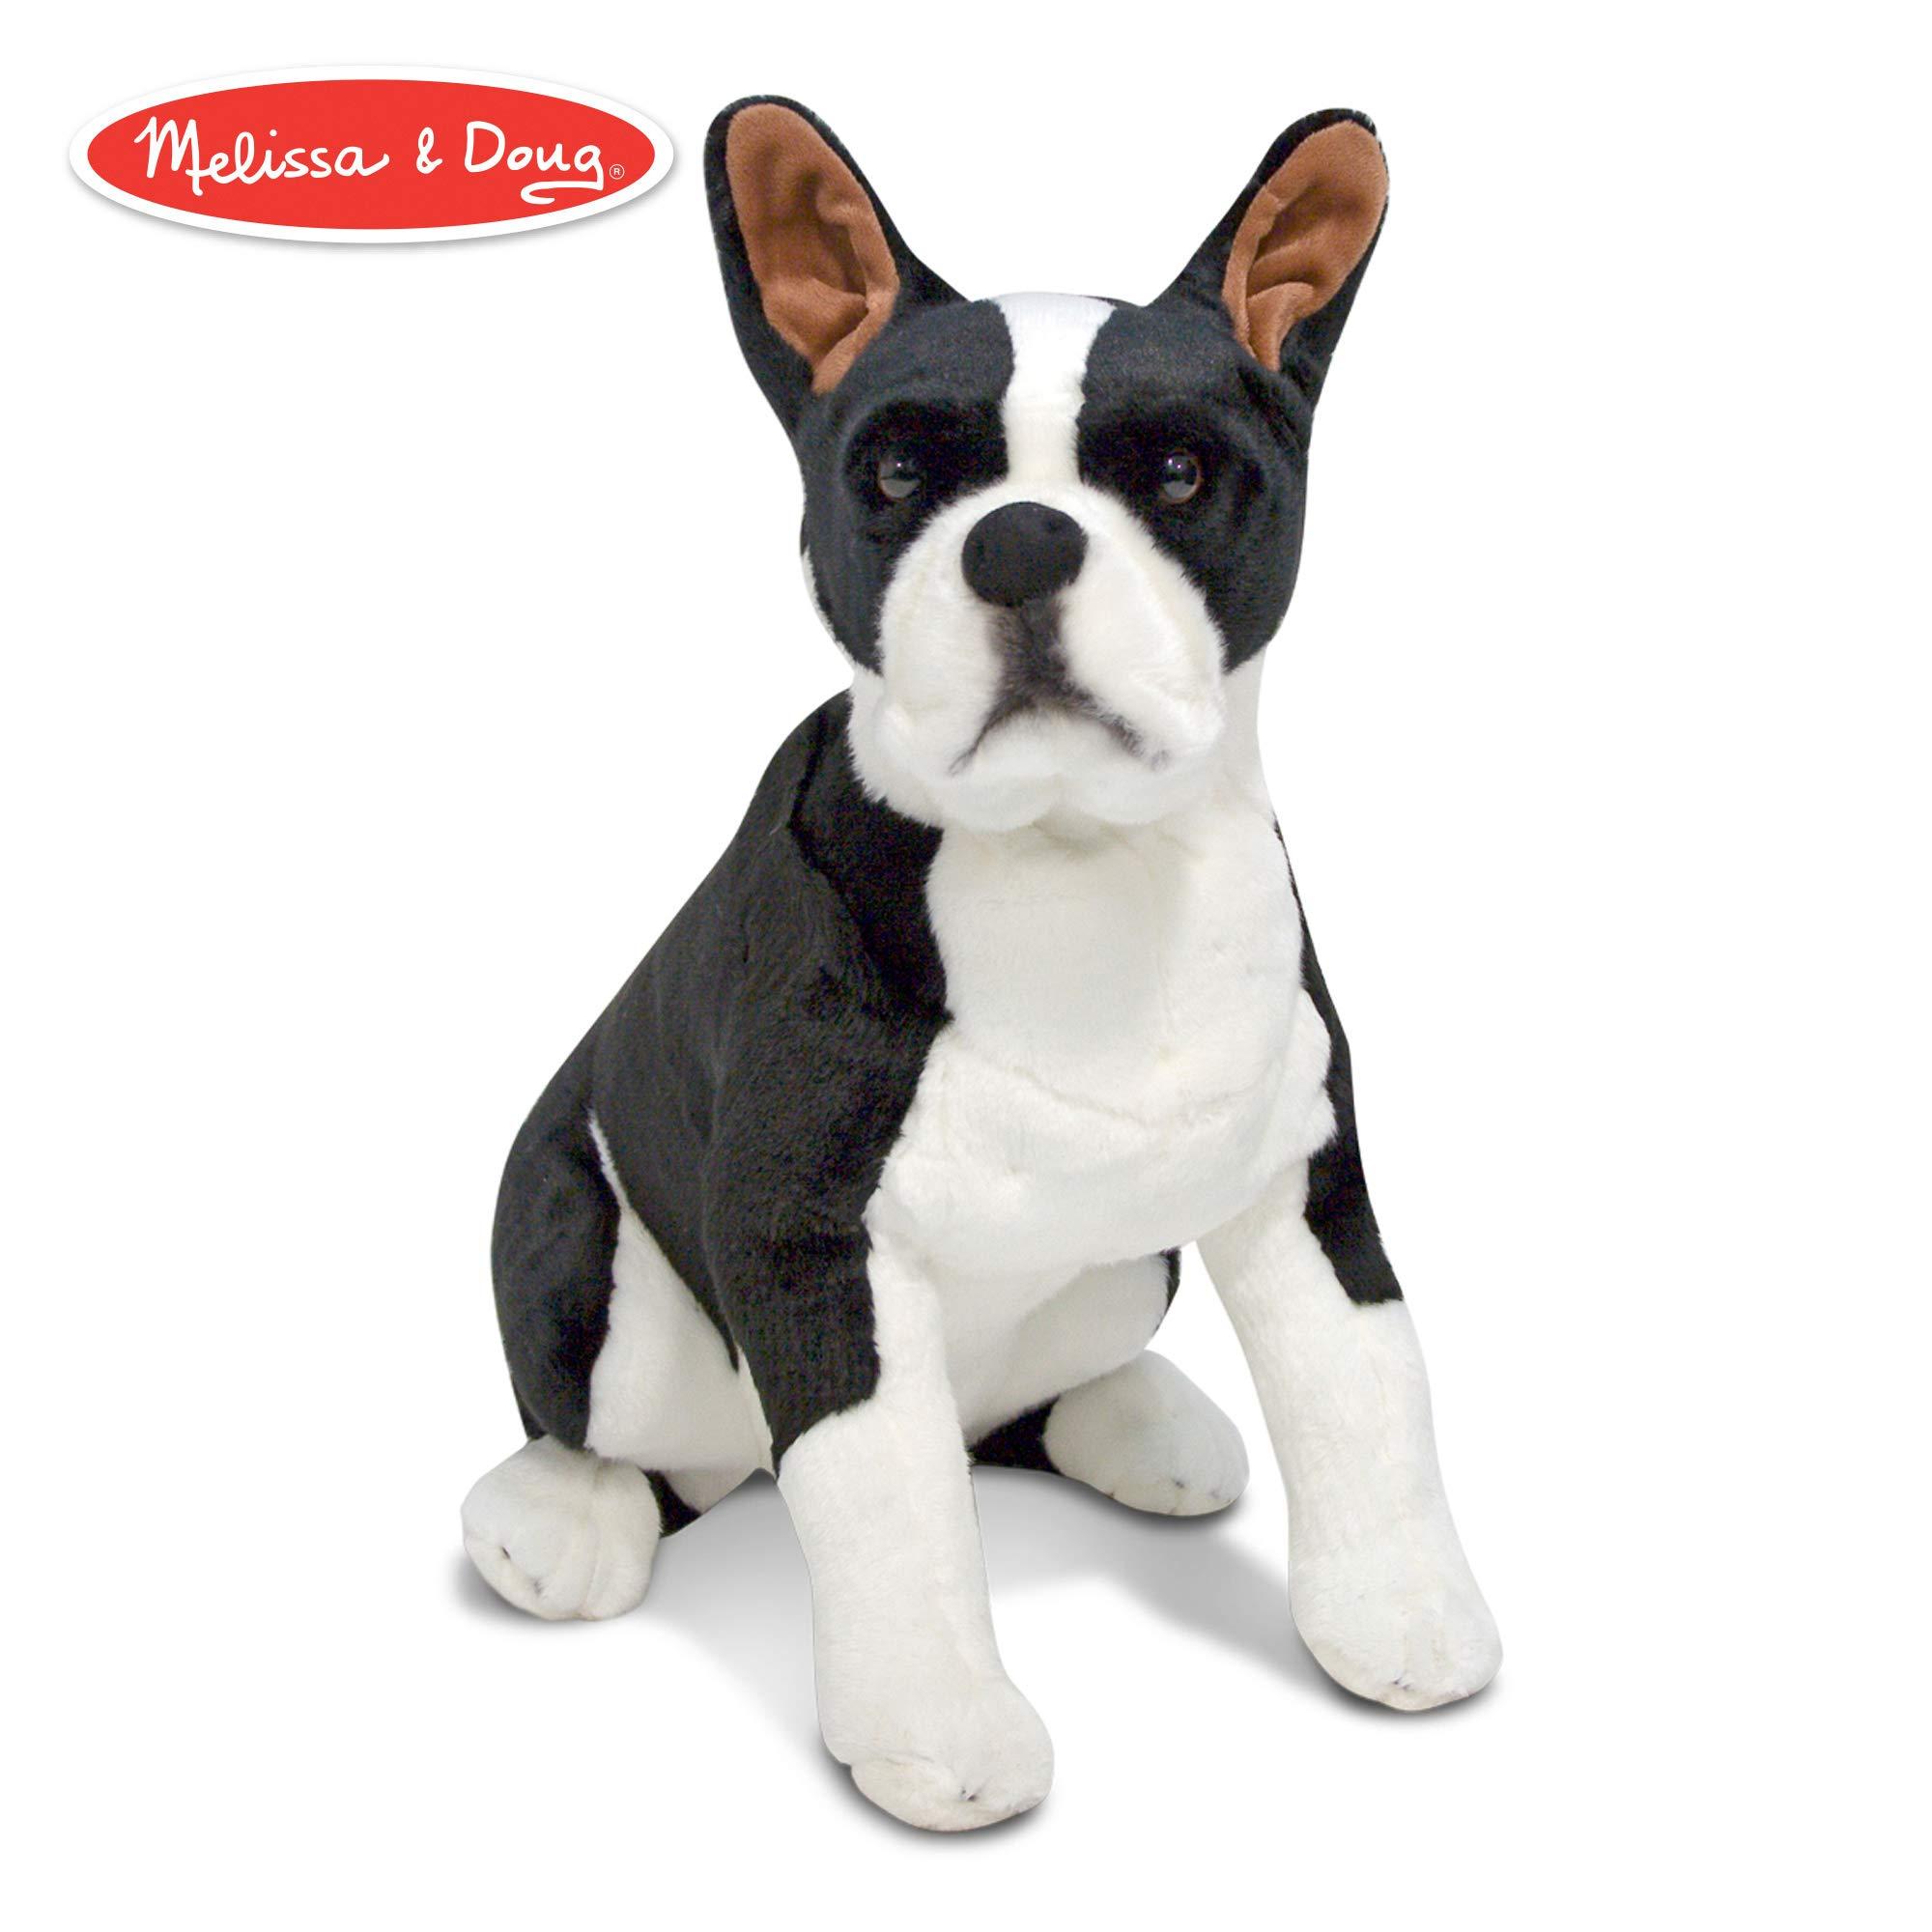 Melissa & Doug Giant Boston Terrier - Lifelike Stuffed Animal Dog by Melissa & Doug